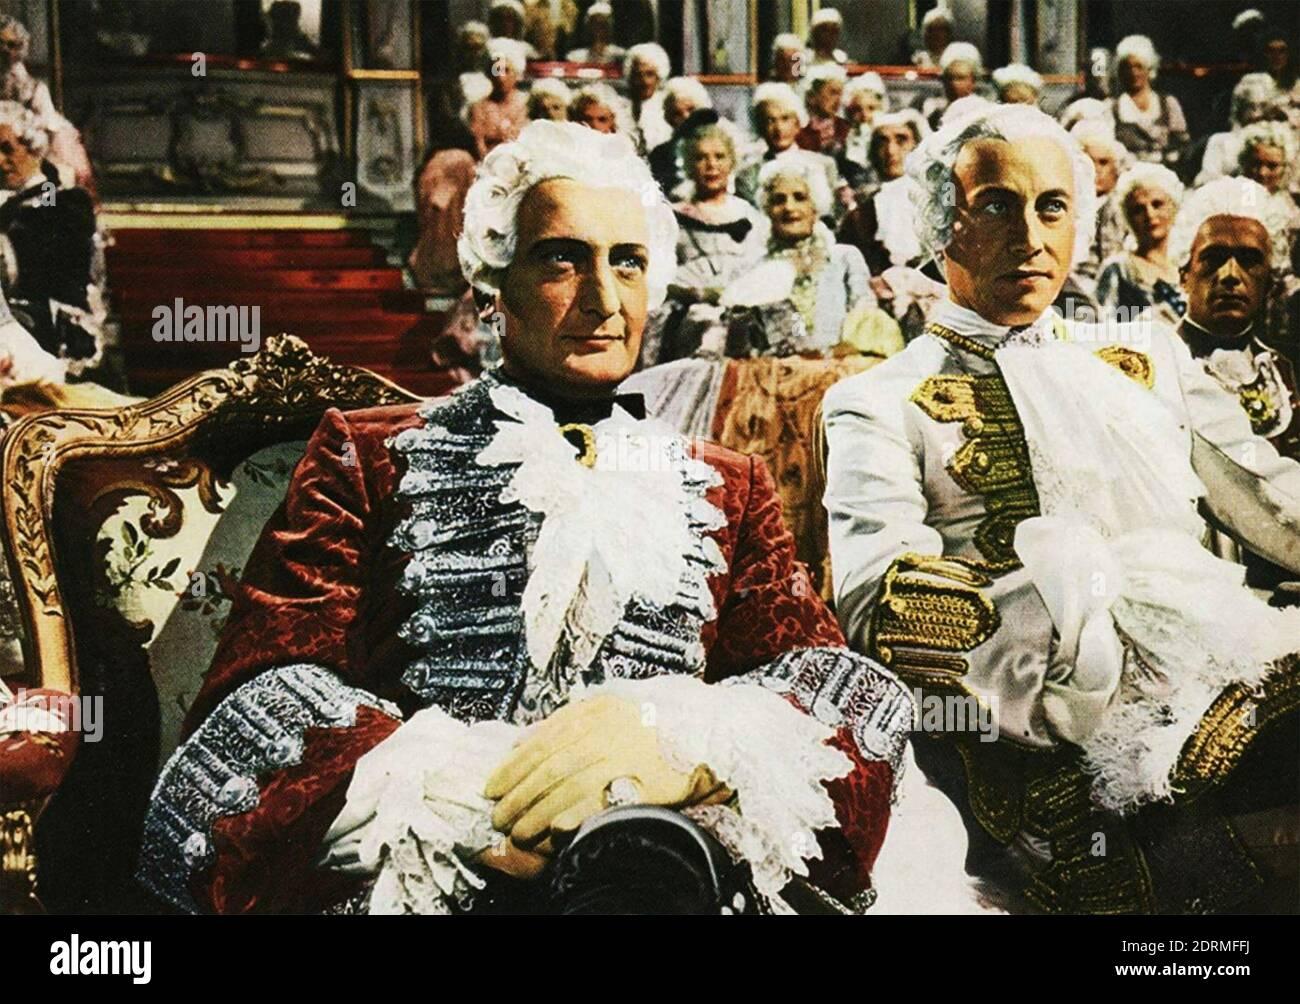 MÜNCHHAUSEN 1943 Universum production cinématographique avec Hans Albers dans le titre rôle ici à gauche lors d'une visite au Cour de Russie Banque D'Images